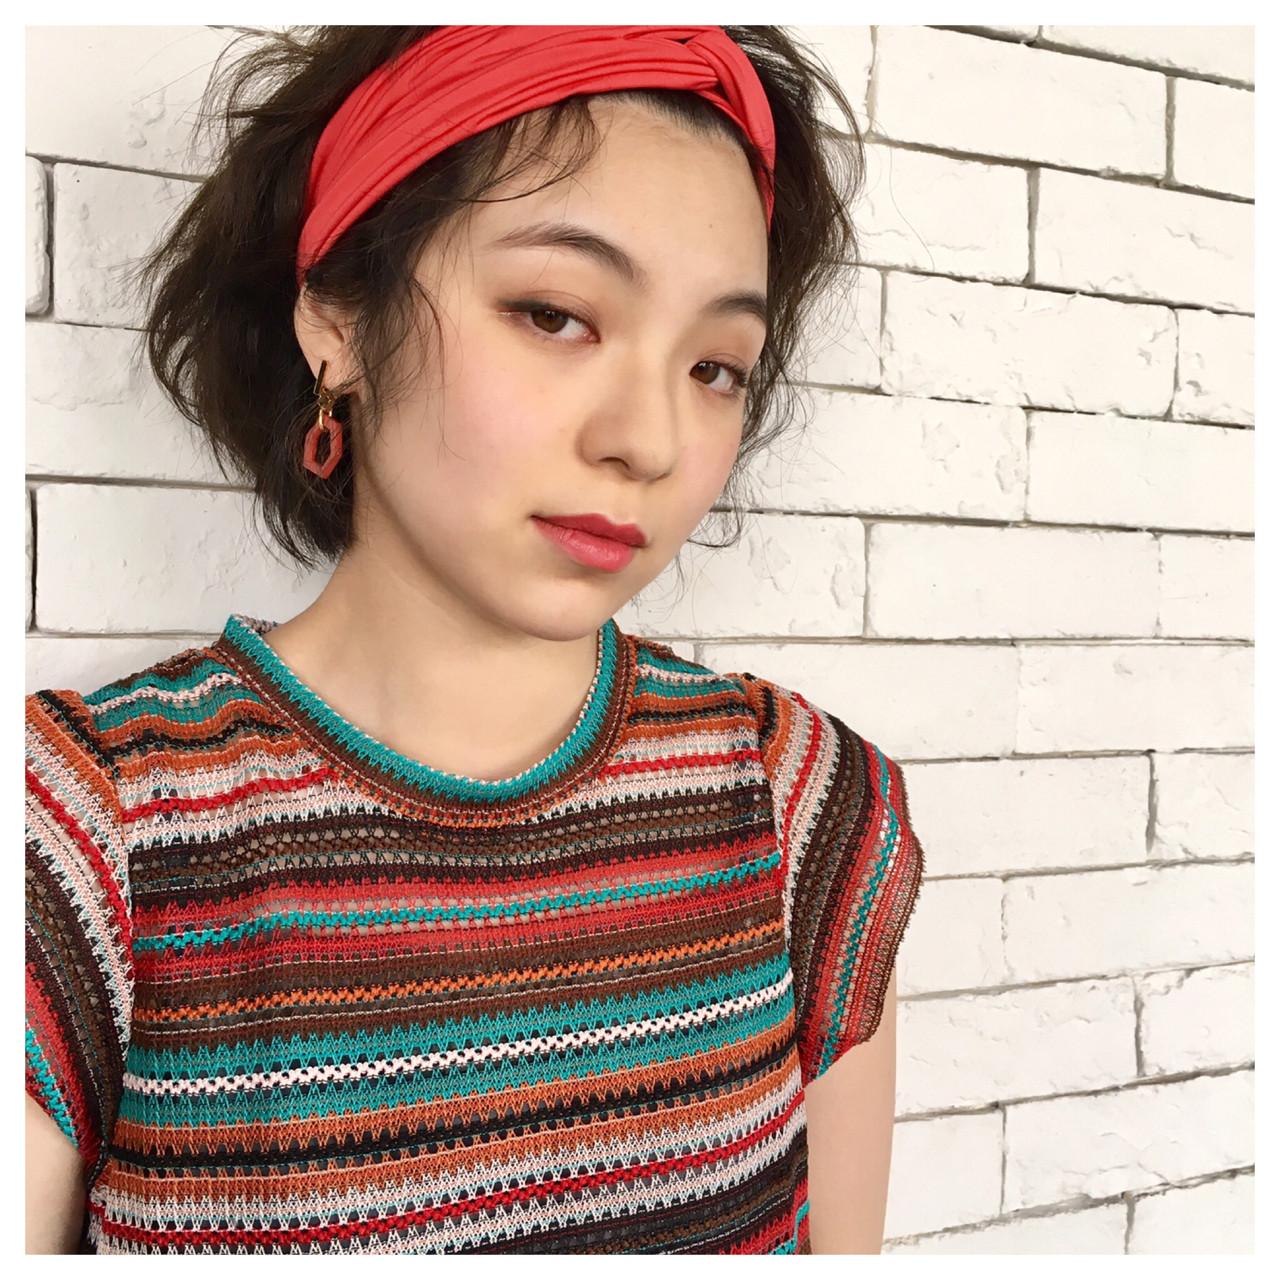 夏 大人かわいい 簡単ヘアアレンジ ナチュラル ヘアスタイルや髪型の写真・画像 | Yumi Hiramatsu / Sourire Imaizumi【スーリール イマイズミ】